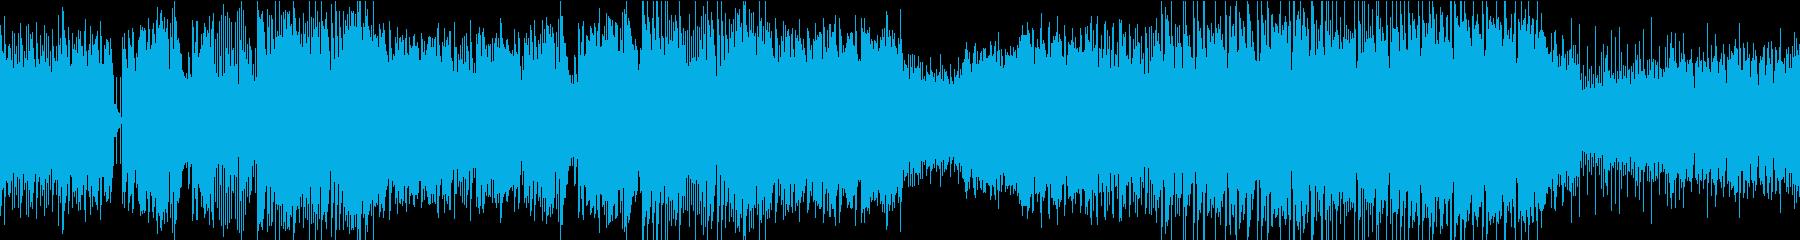 転がるビー玉・ピンボールをイメージした曲の再生済みの波形